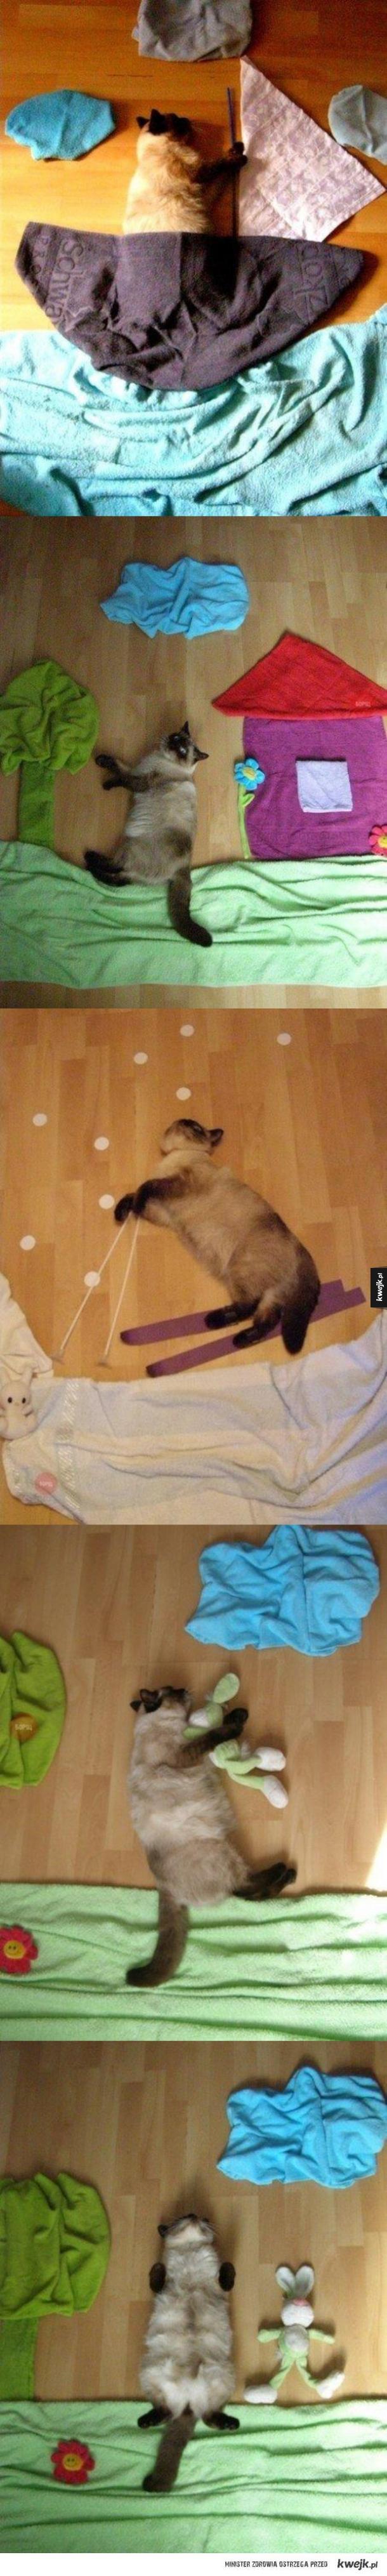 Kot który nie zdaje sobie sprawy, że ma sesję